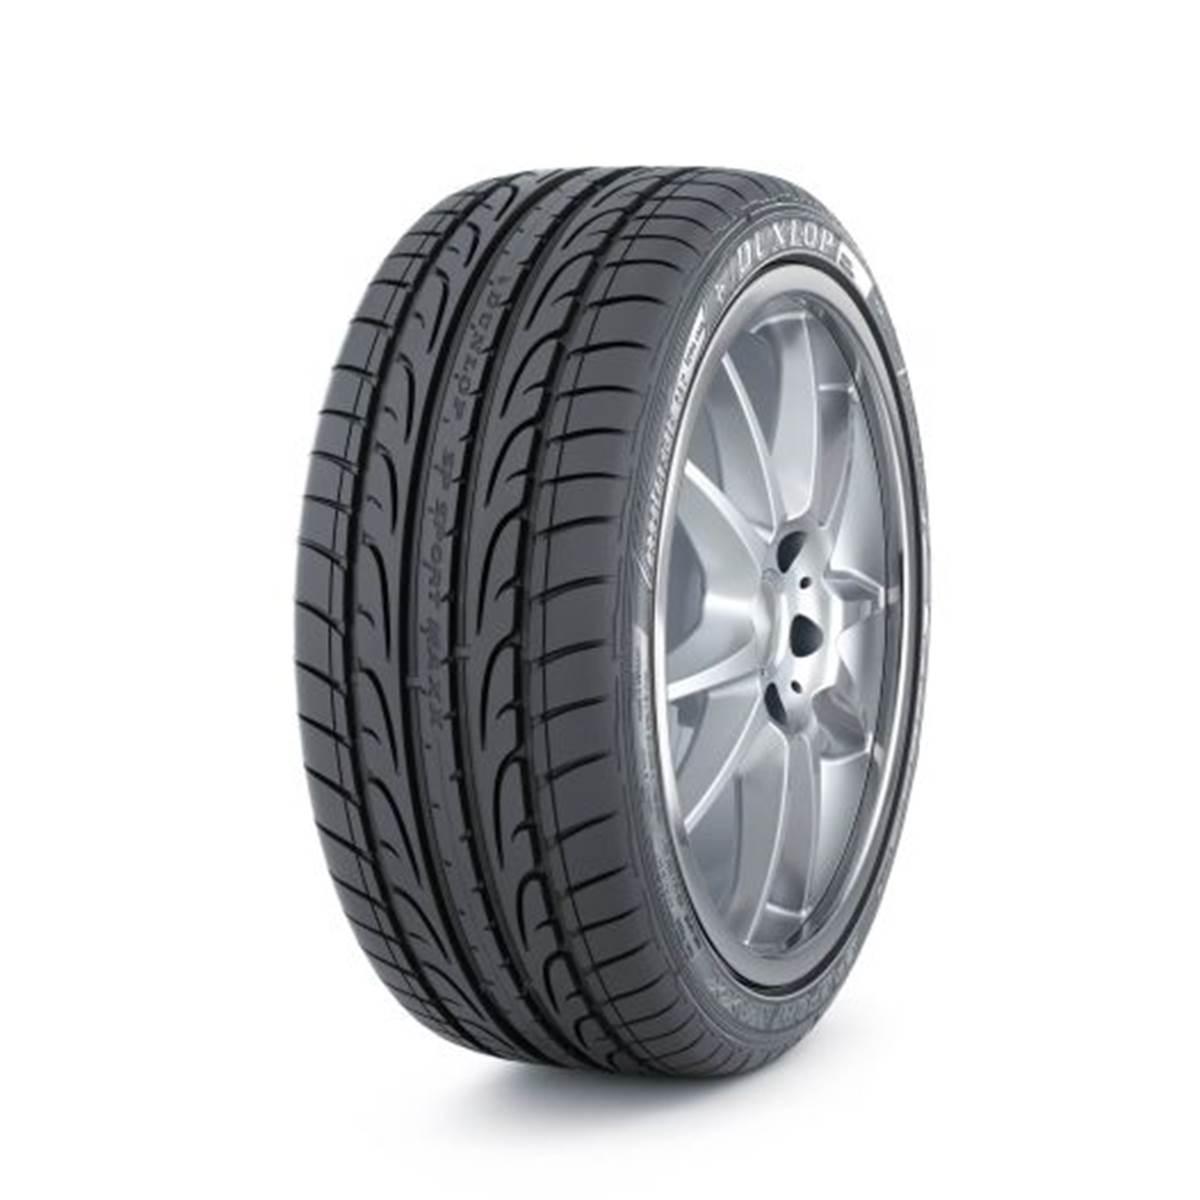 Dunlop Sp Sport Maxx 050 Xl